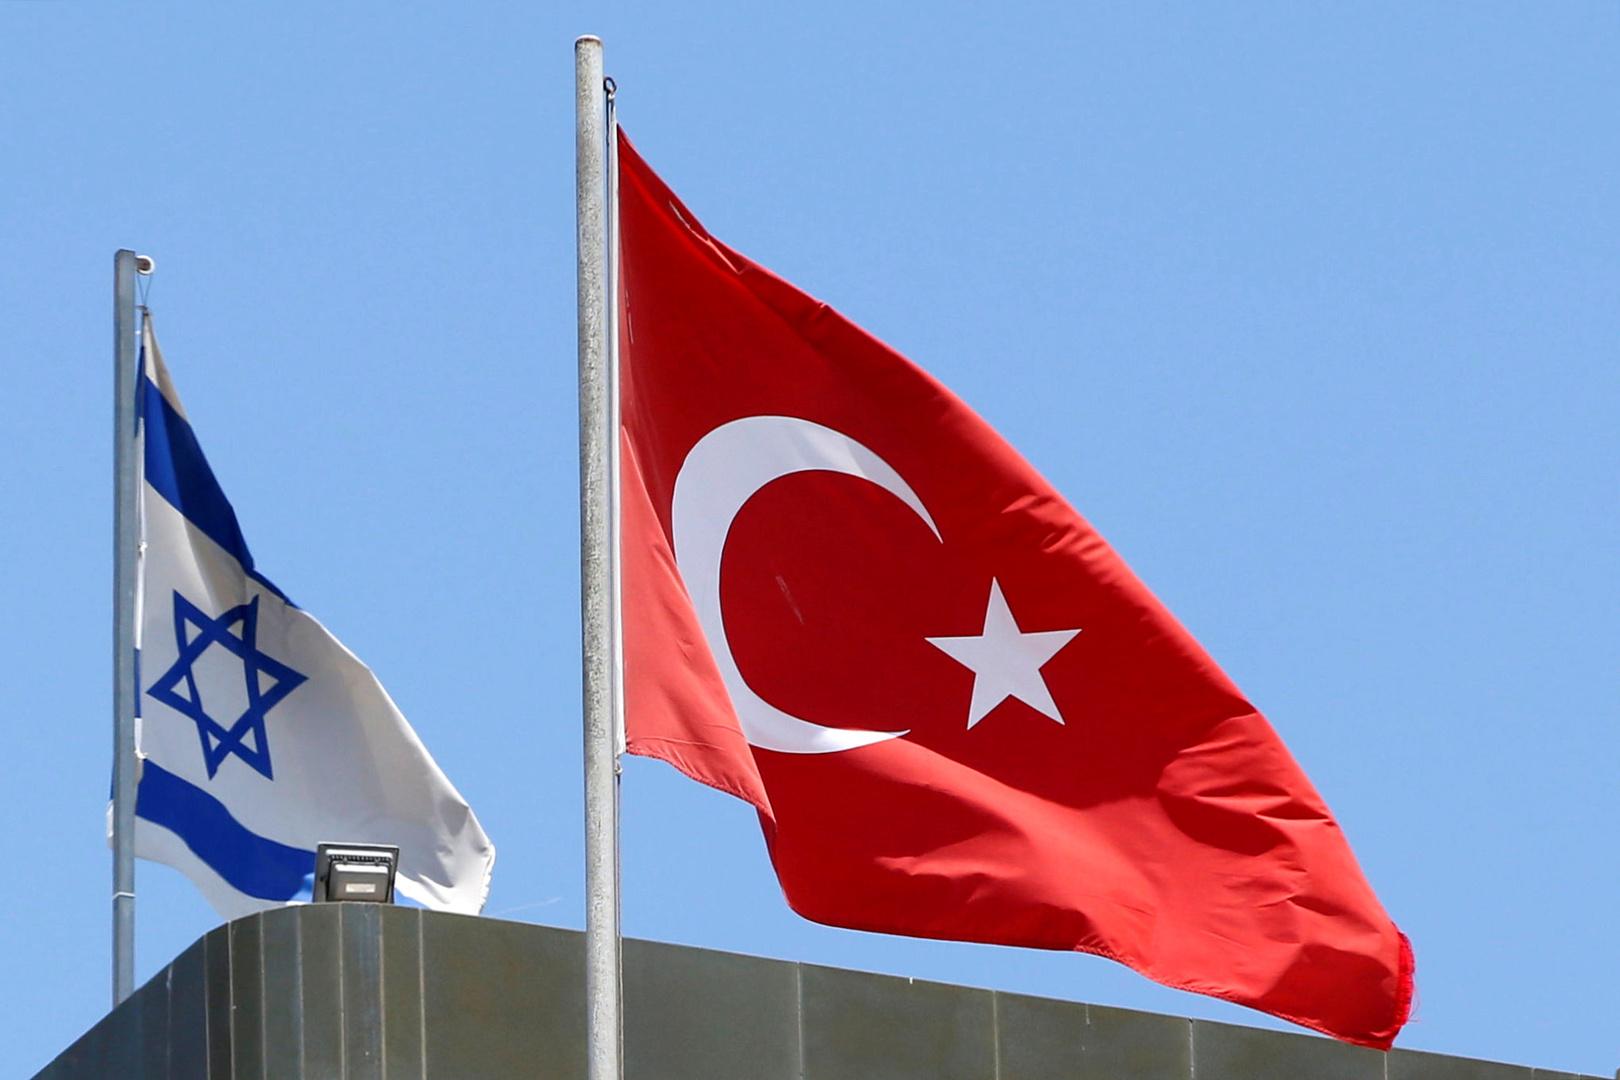 مسؤول في الحكومة التركية: حان الوقت لإعادة العلاقات مع إسرائيل